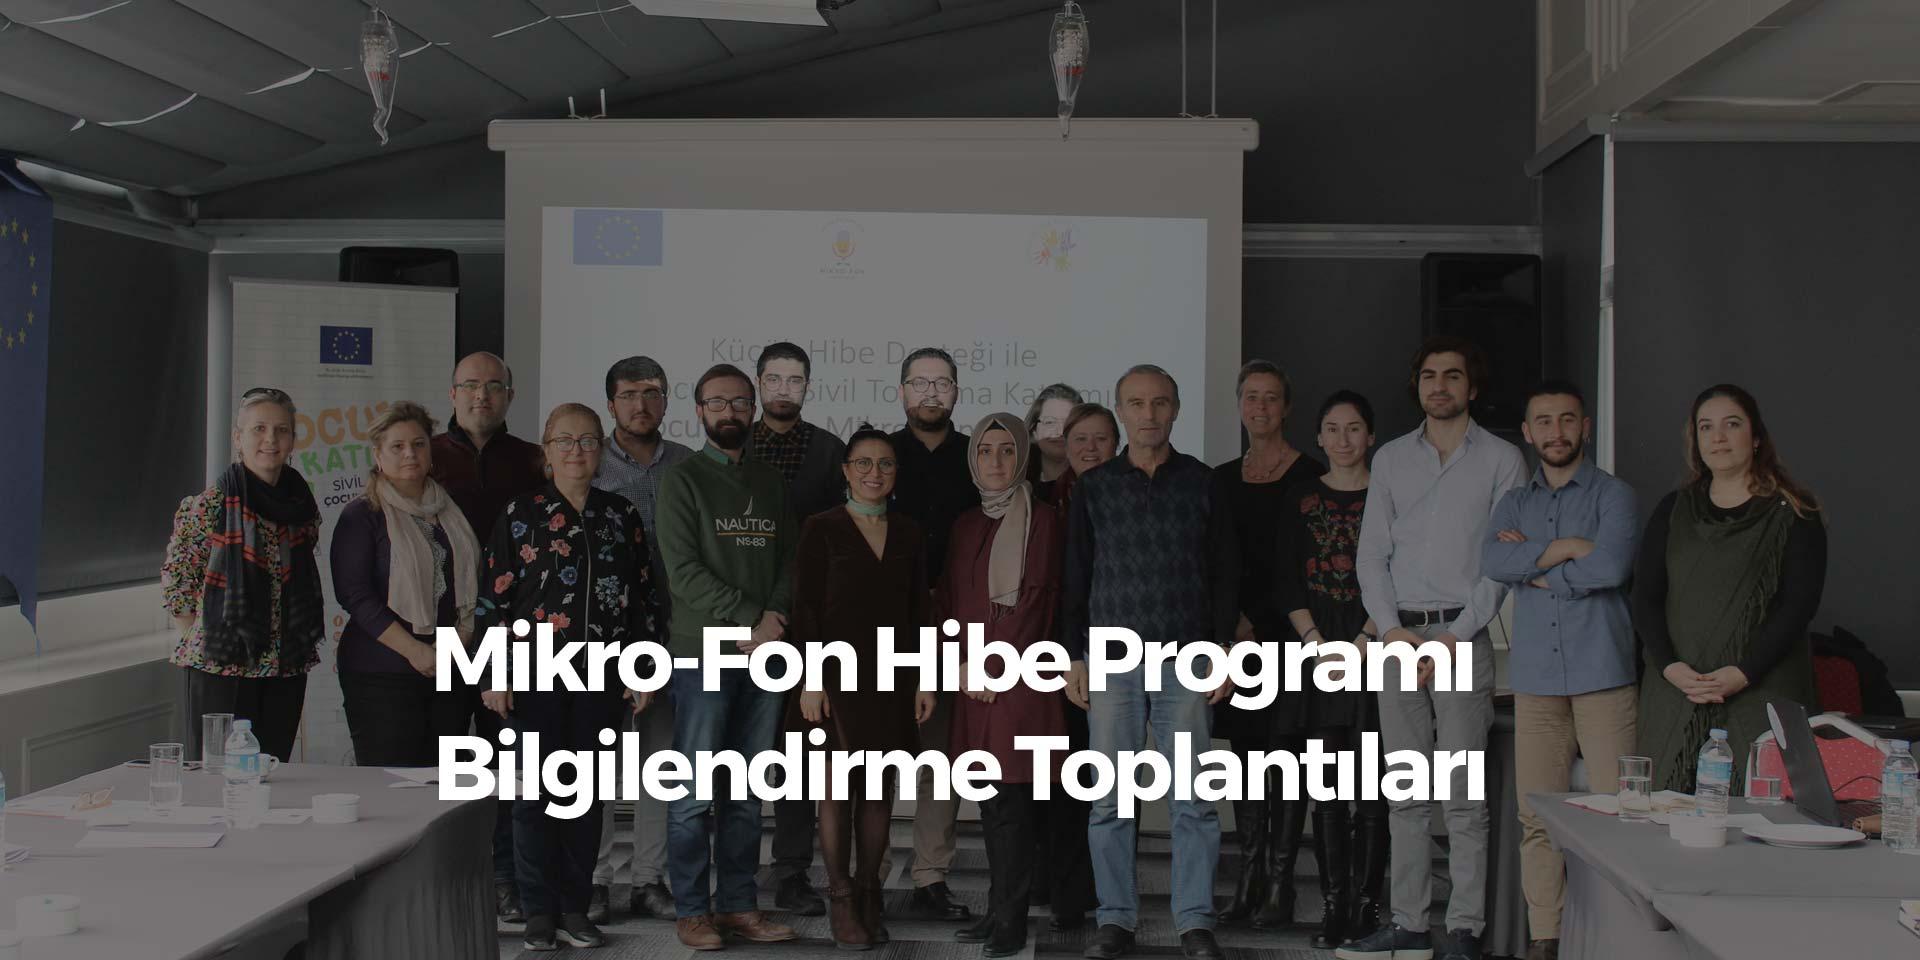 Mikro-Fon Hibe Programı Bilgilendirme Toplantıları